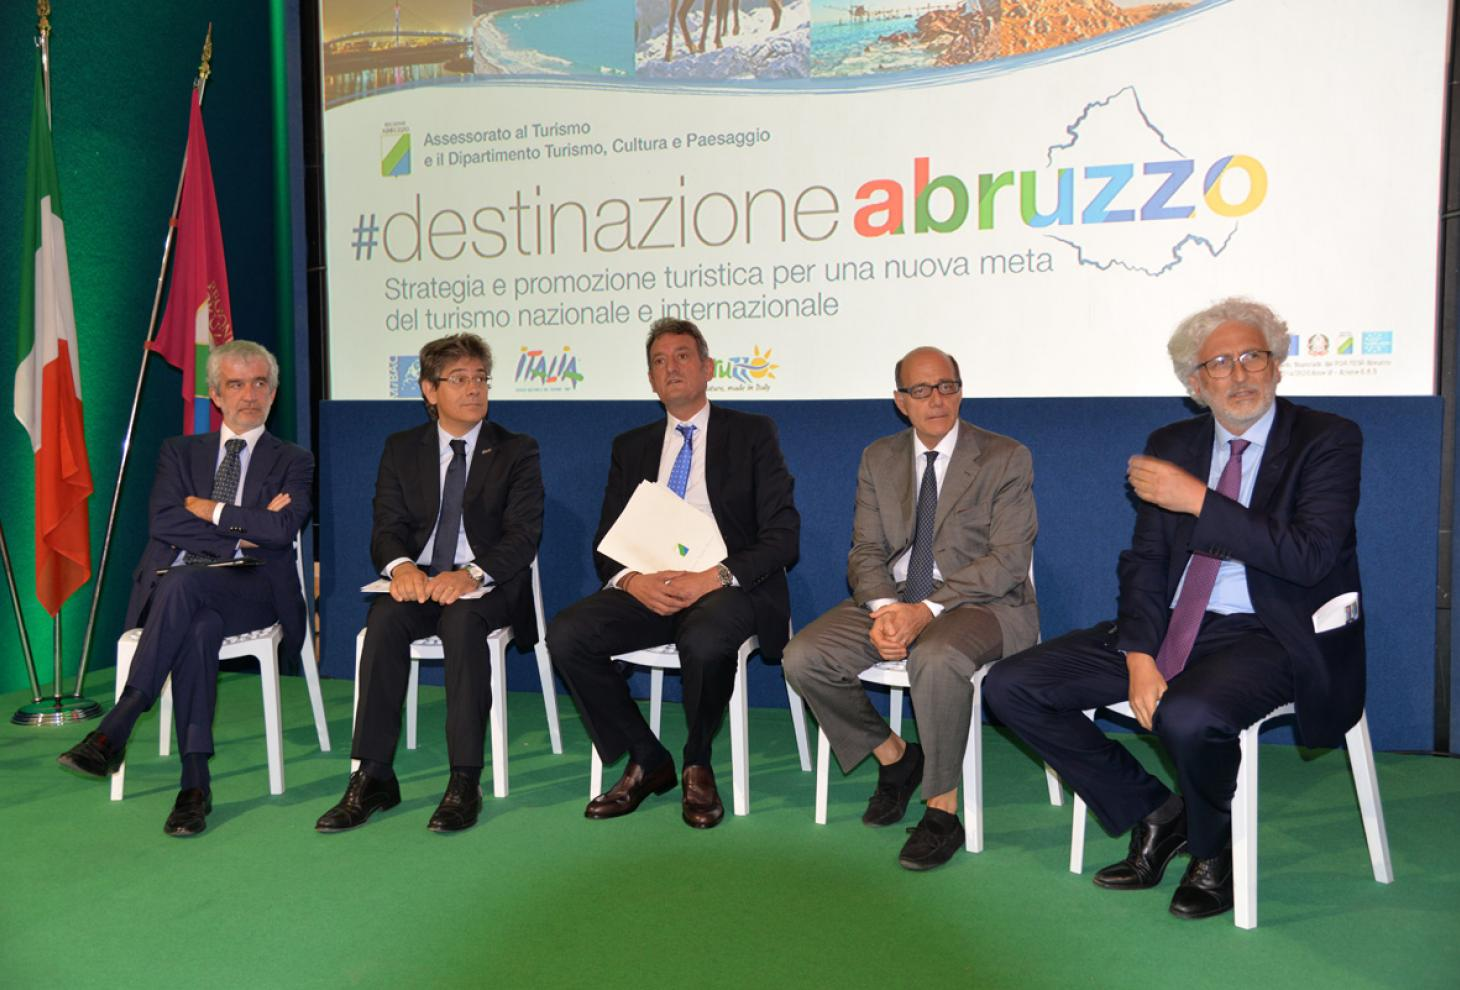 #destinazioneabruzzo